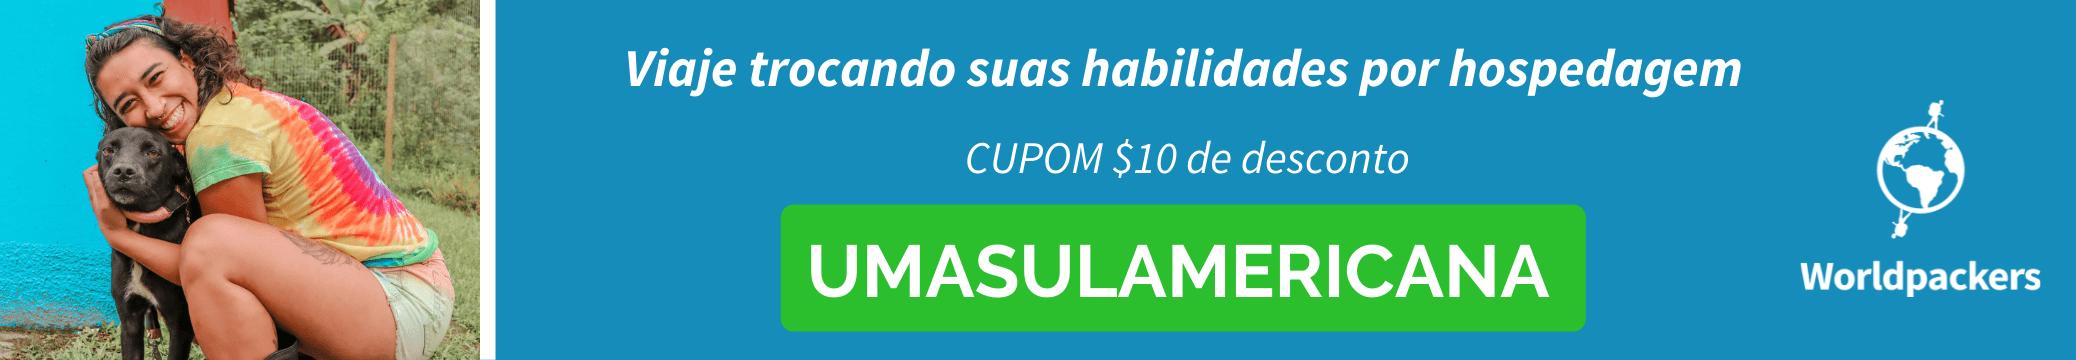 Cupom desconto worldpackers - UMASULAMERICANA